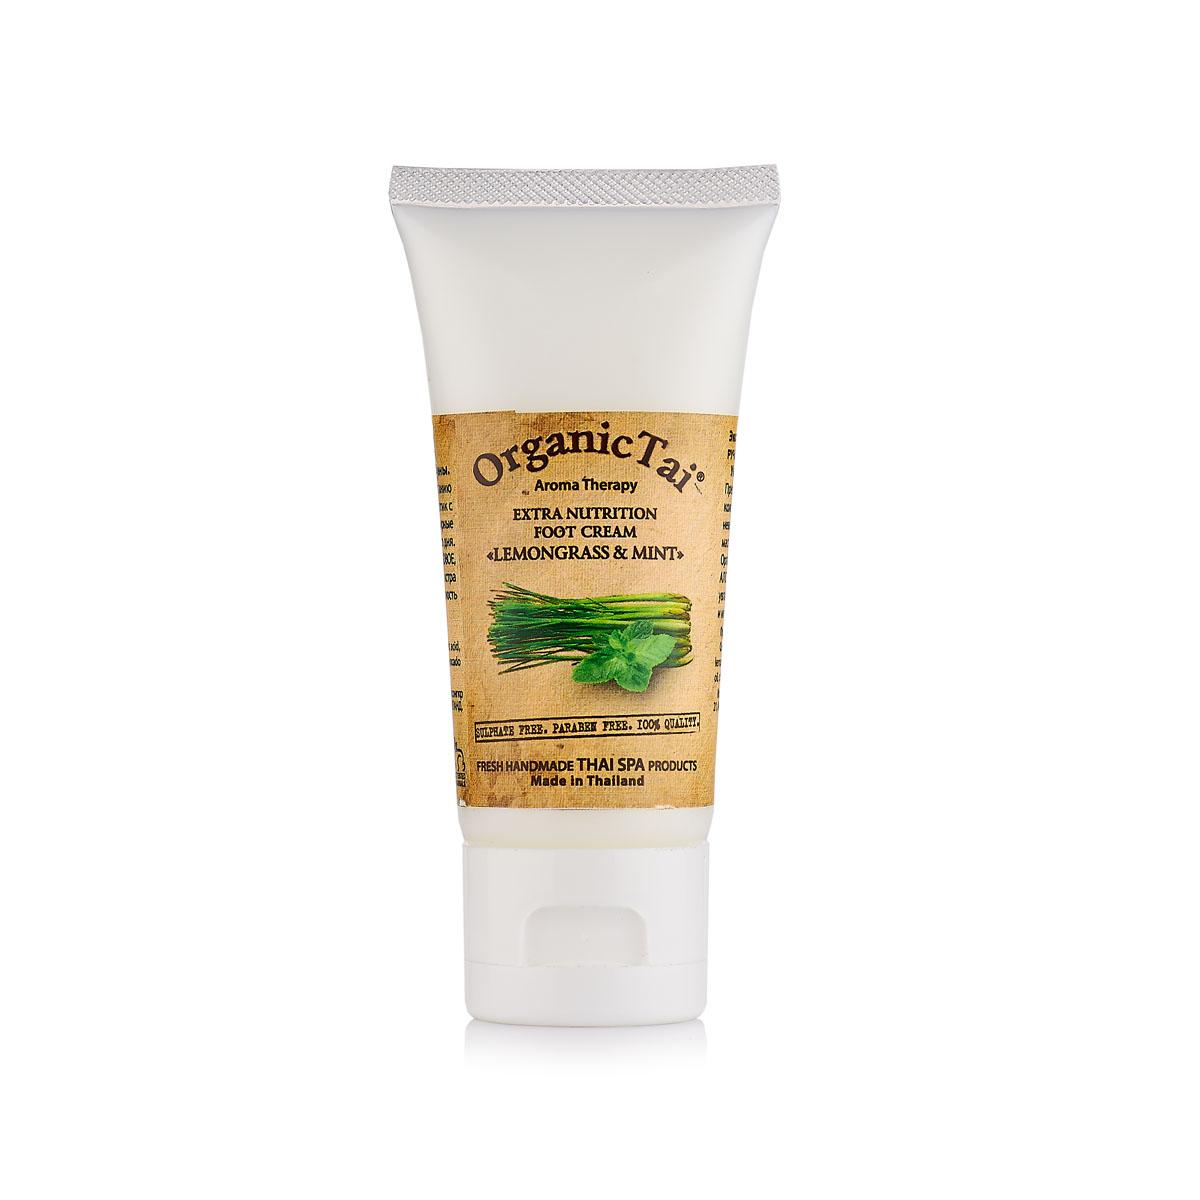 OrganicTai Экстраувлажняющий крем для ног Лемонграсс и мята, 60 мл organictai масло для тела и аромамассажа лемонграсс жожоба и персик 1000 мл